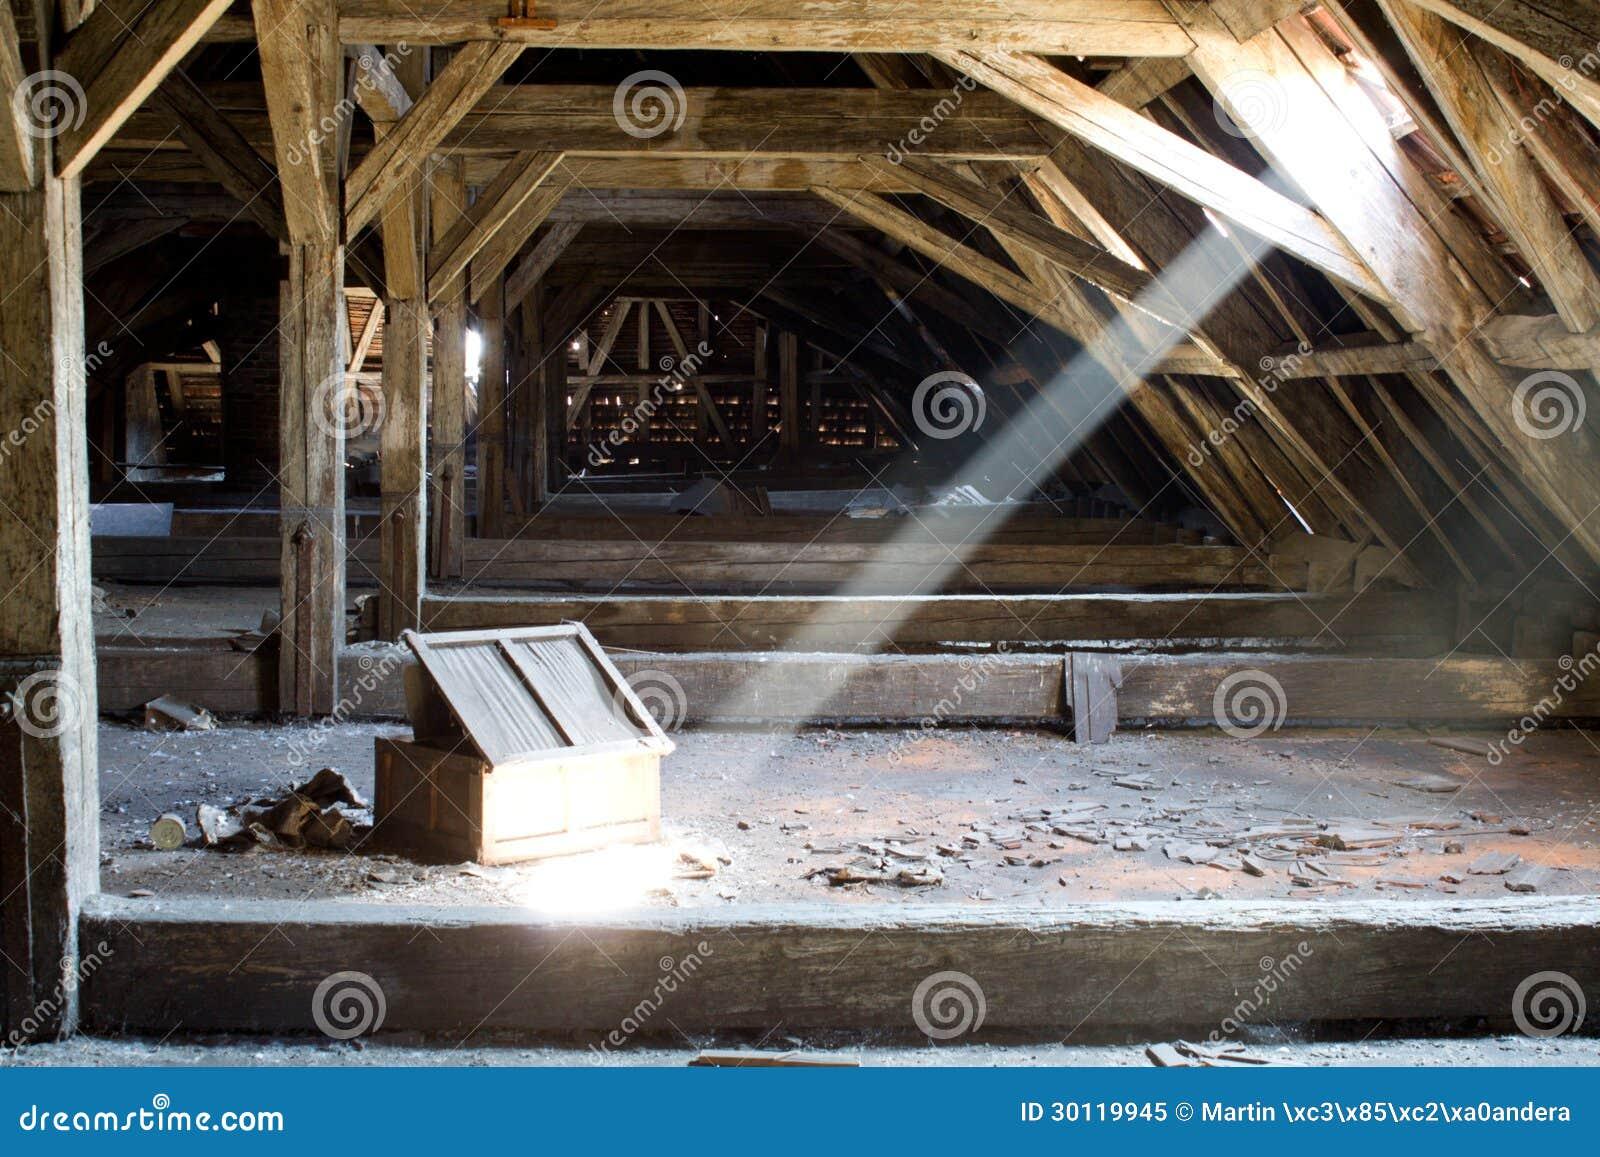 Vieux Grenier D Une Maison Secrets Cach 233 S Image Stock